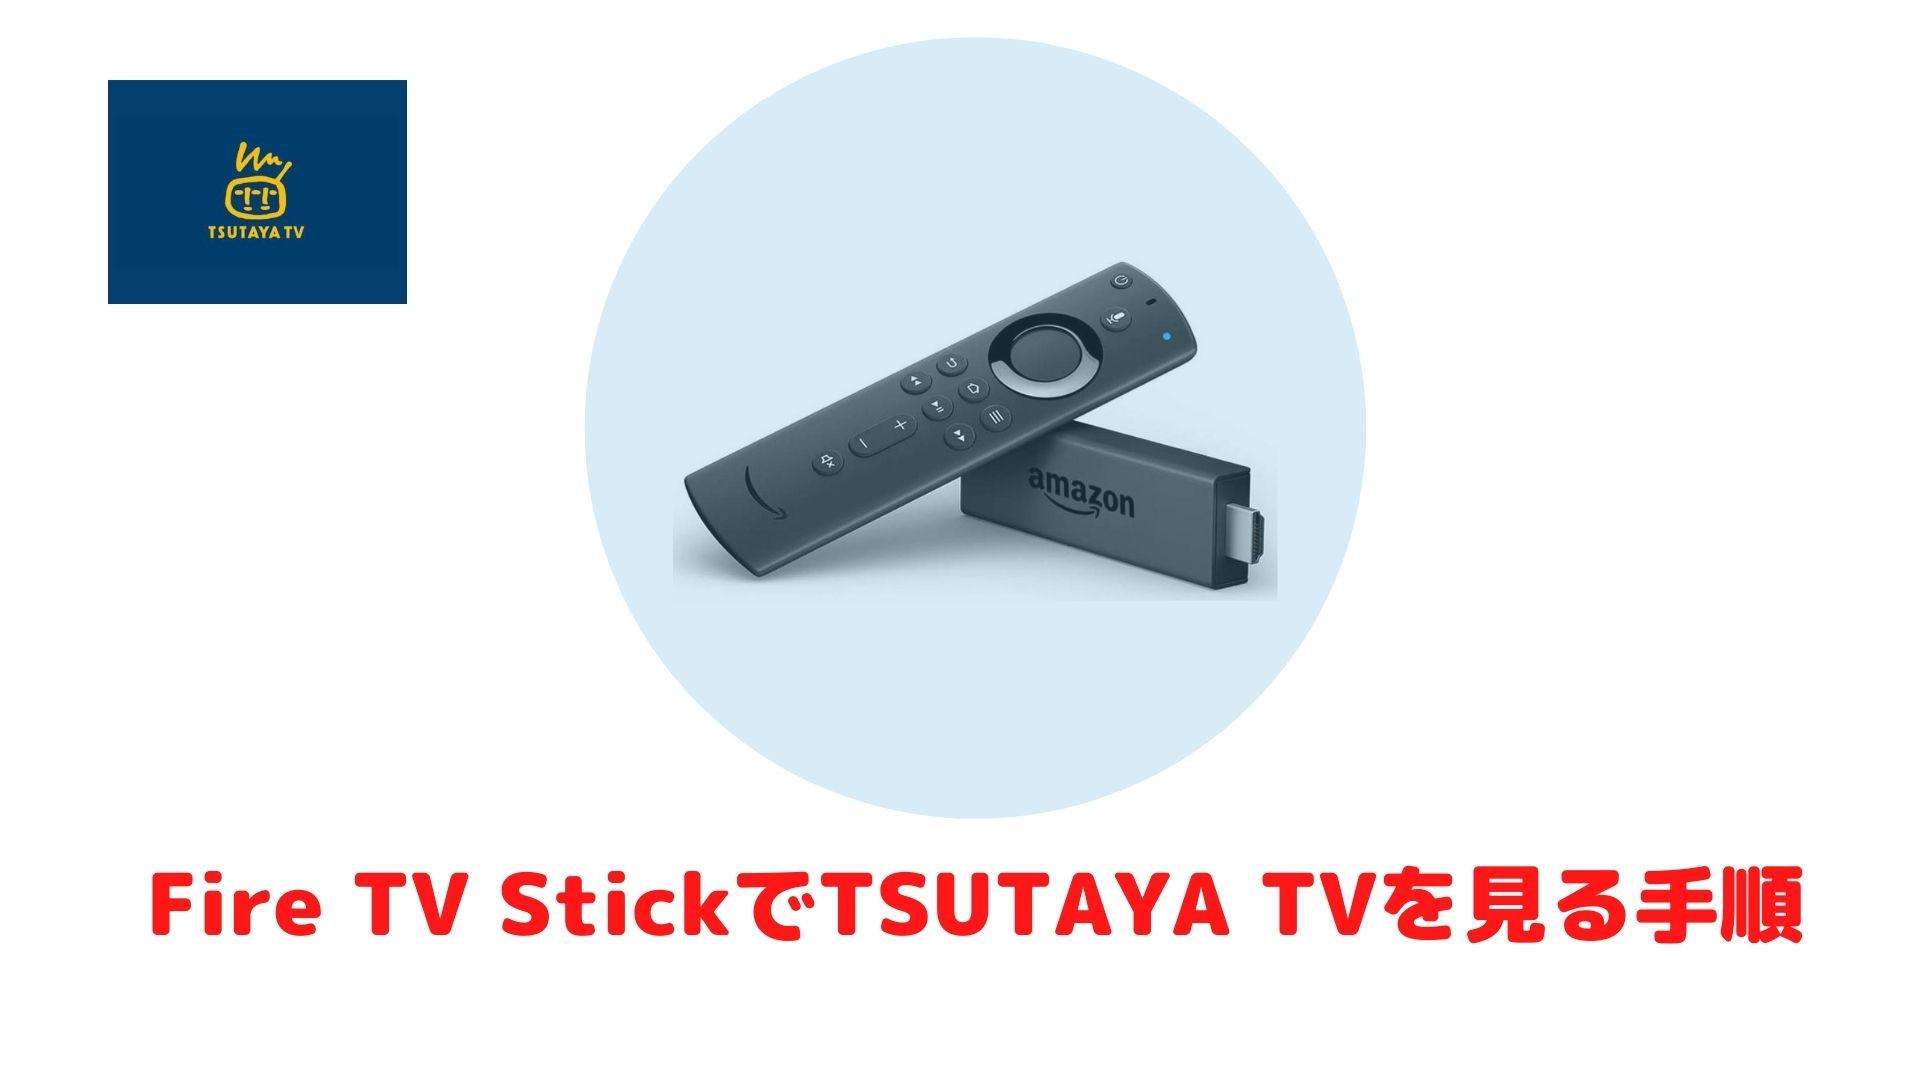 Fire TV StickでTSUTAYA TVを見る手順